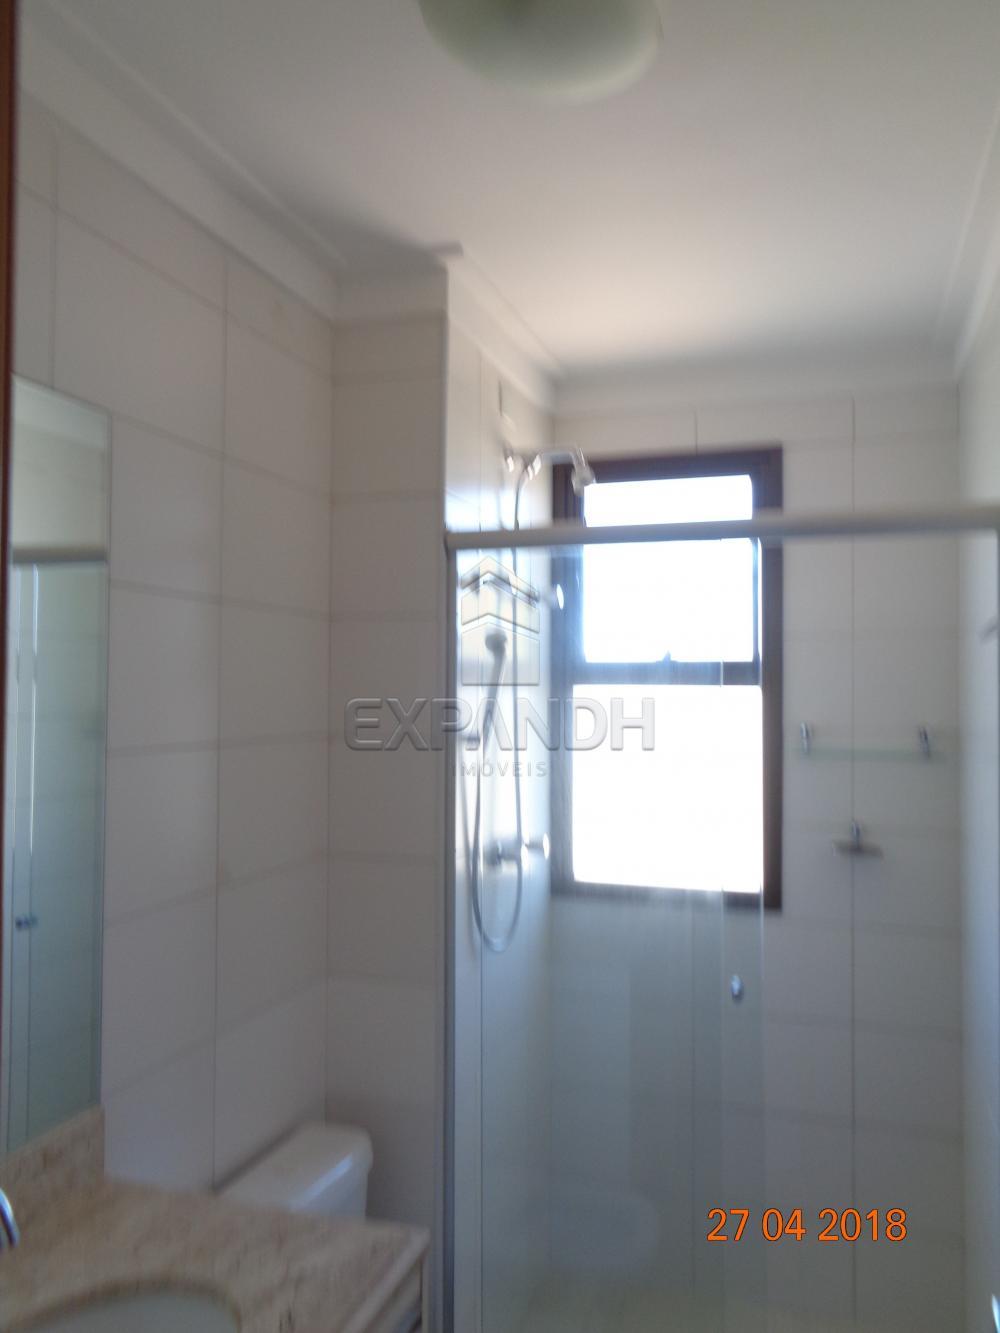 Alugar Apartamentos / Padrão em Sertãozinho apenas R$ 1.650,00 - Foto 23